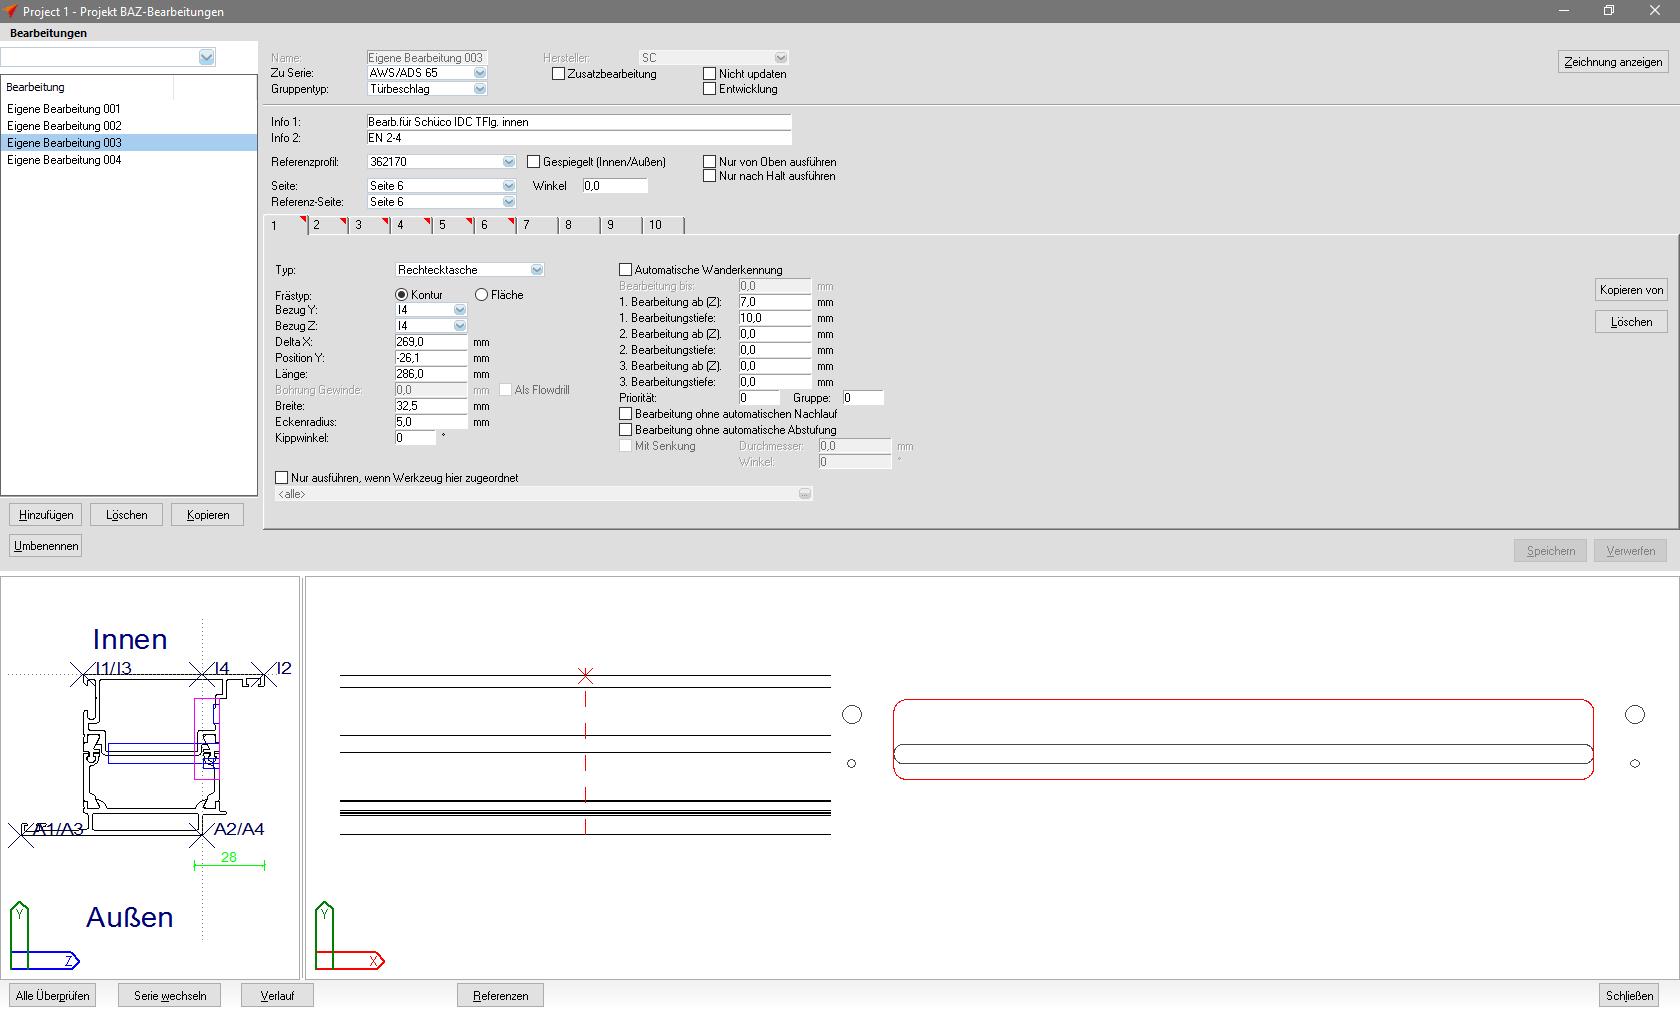 DE-2016-Projekt-BAZ-Datenbank-002a